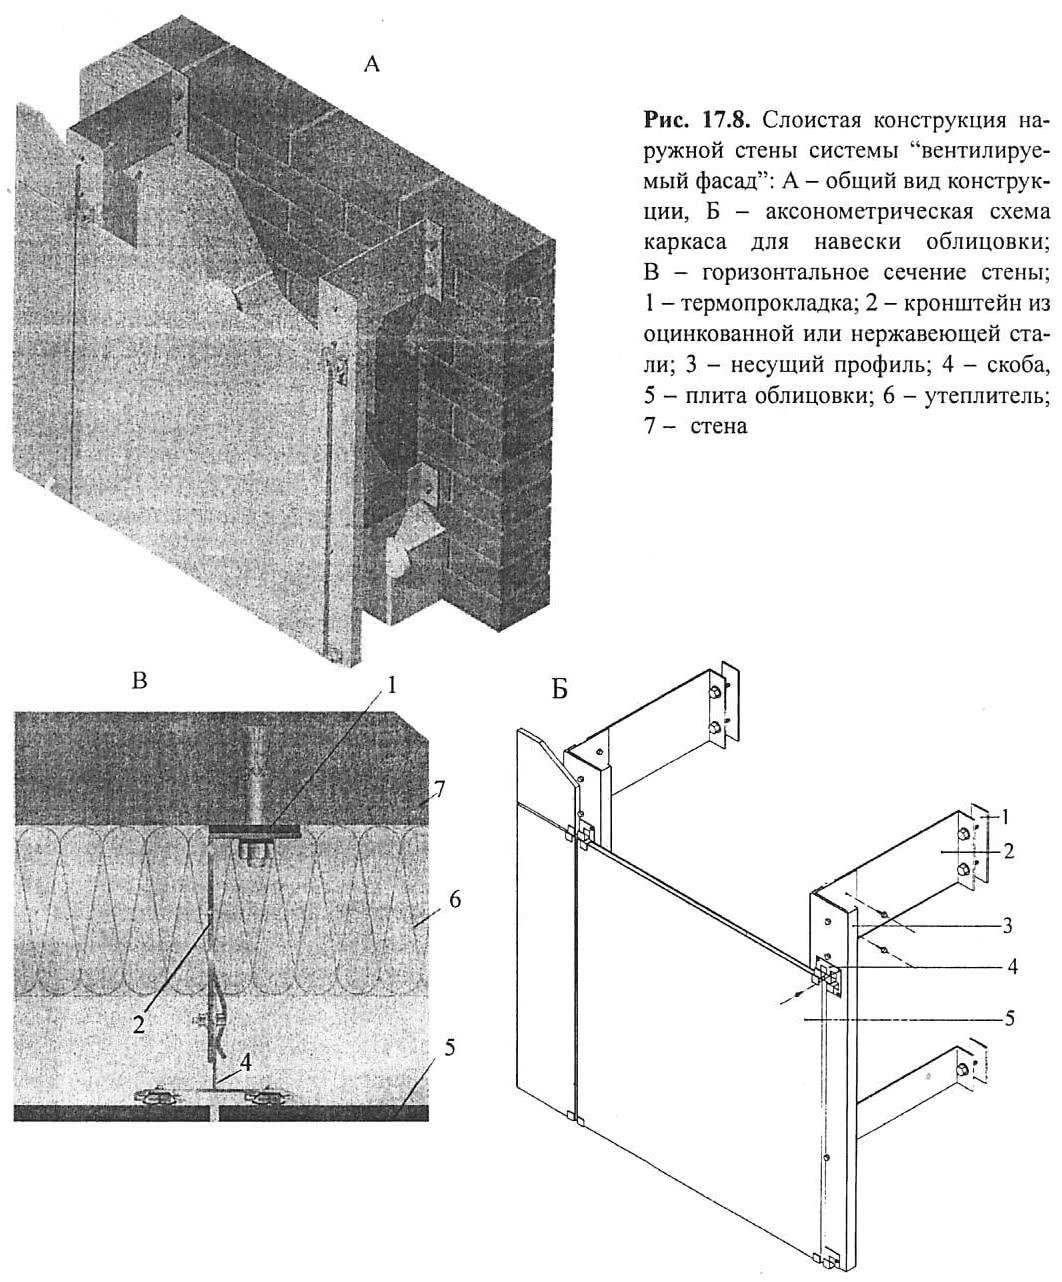 Рис. 17.8. Слоистая конструкция стены системы вентилируемый фасад